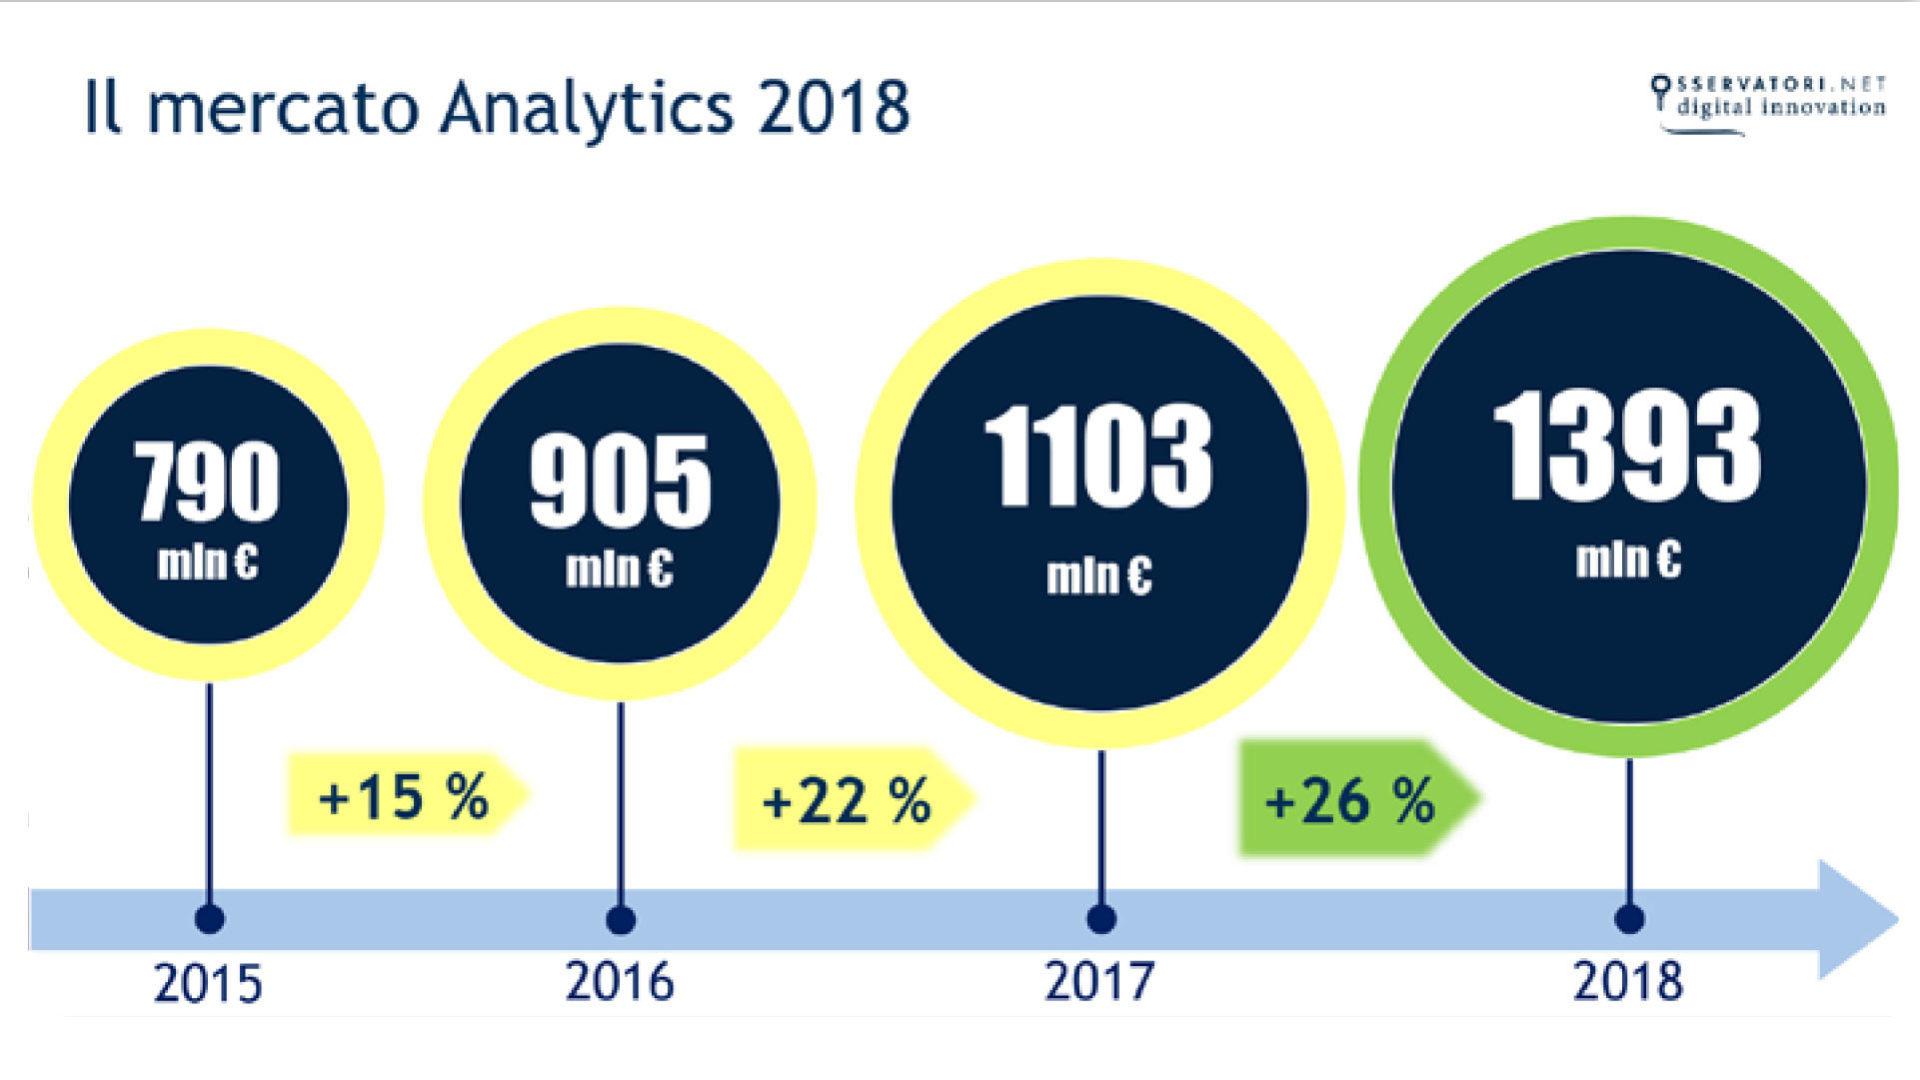 Grafico che mostra Il mercato Analytics 2018